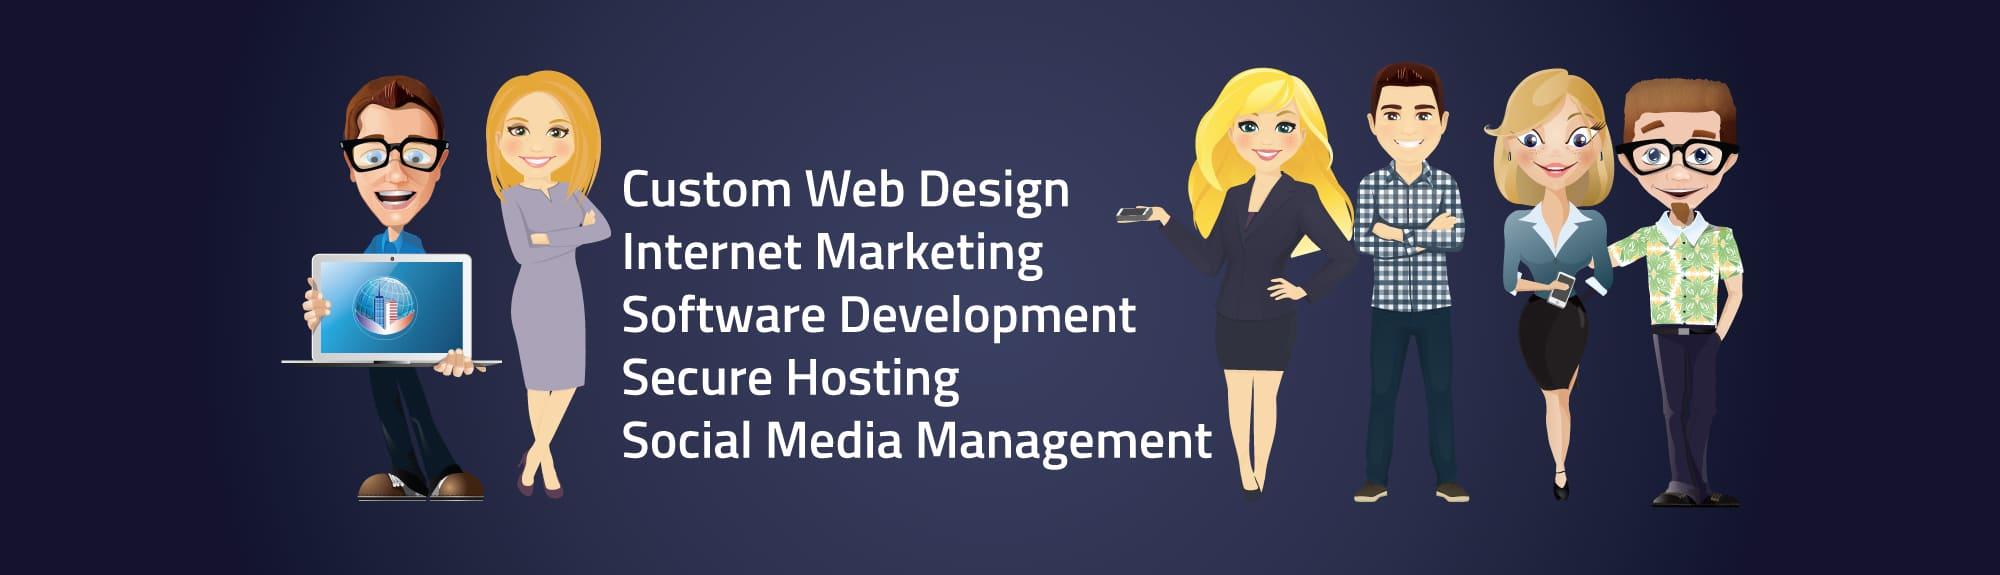 Social Media Management for medical businesses Image